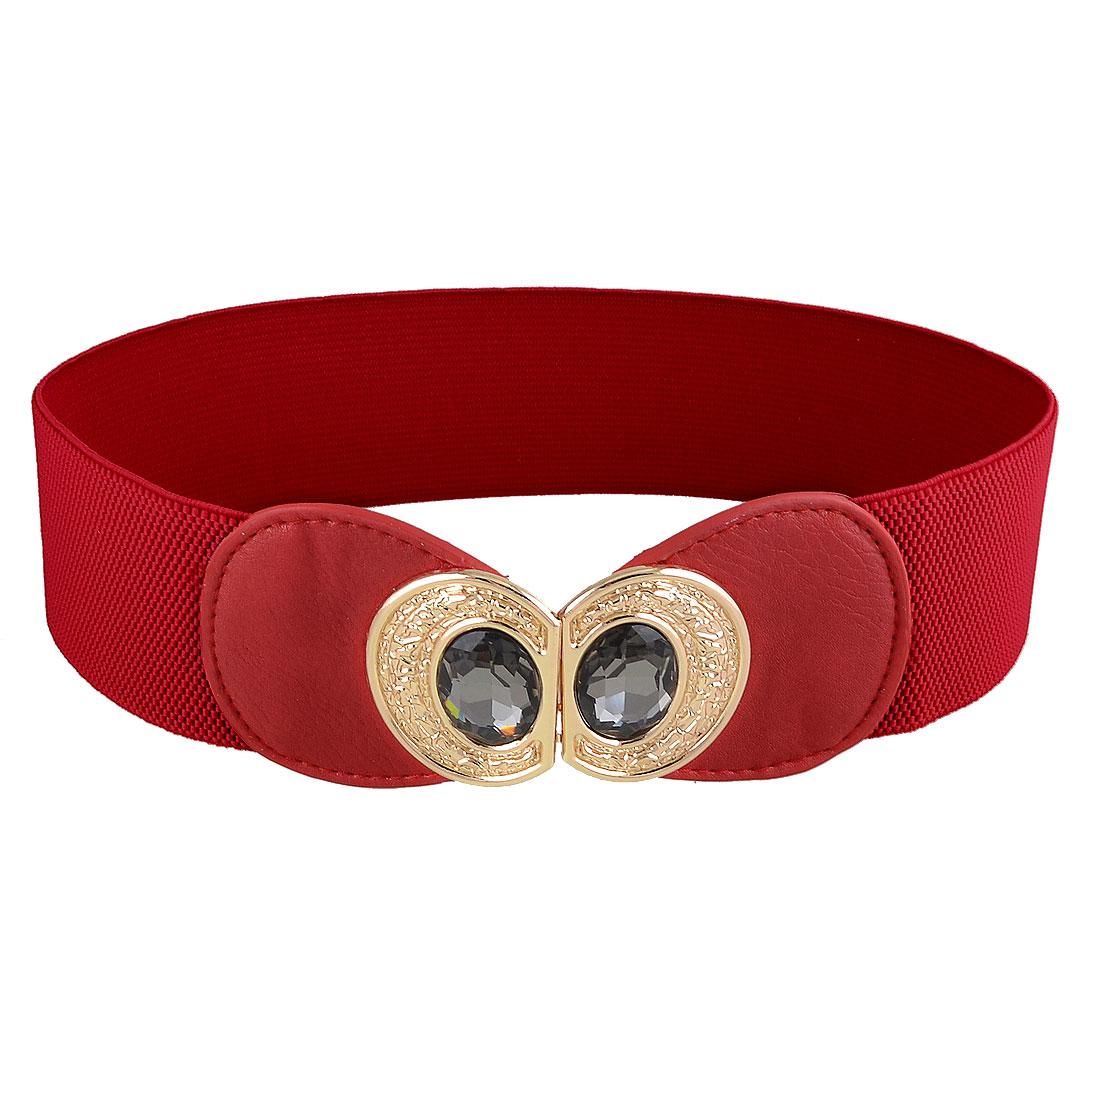 Ladies 8 Shaped Metal Interlock Buckle Textured Elastic Waist Belt Red